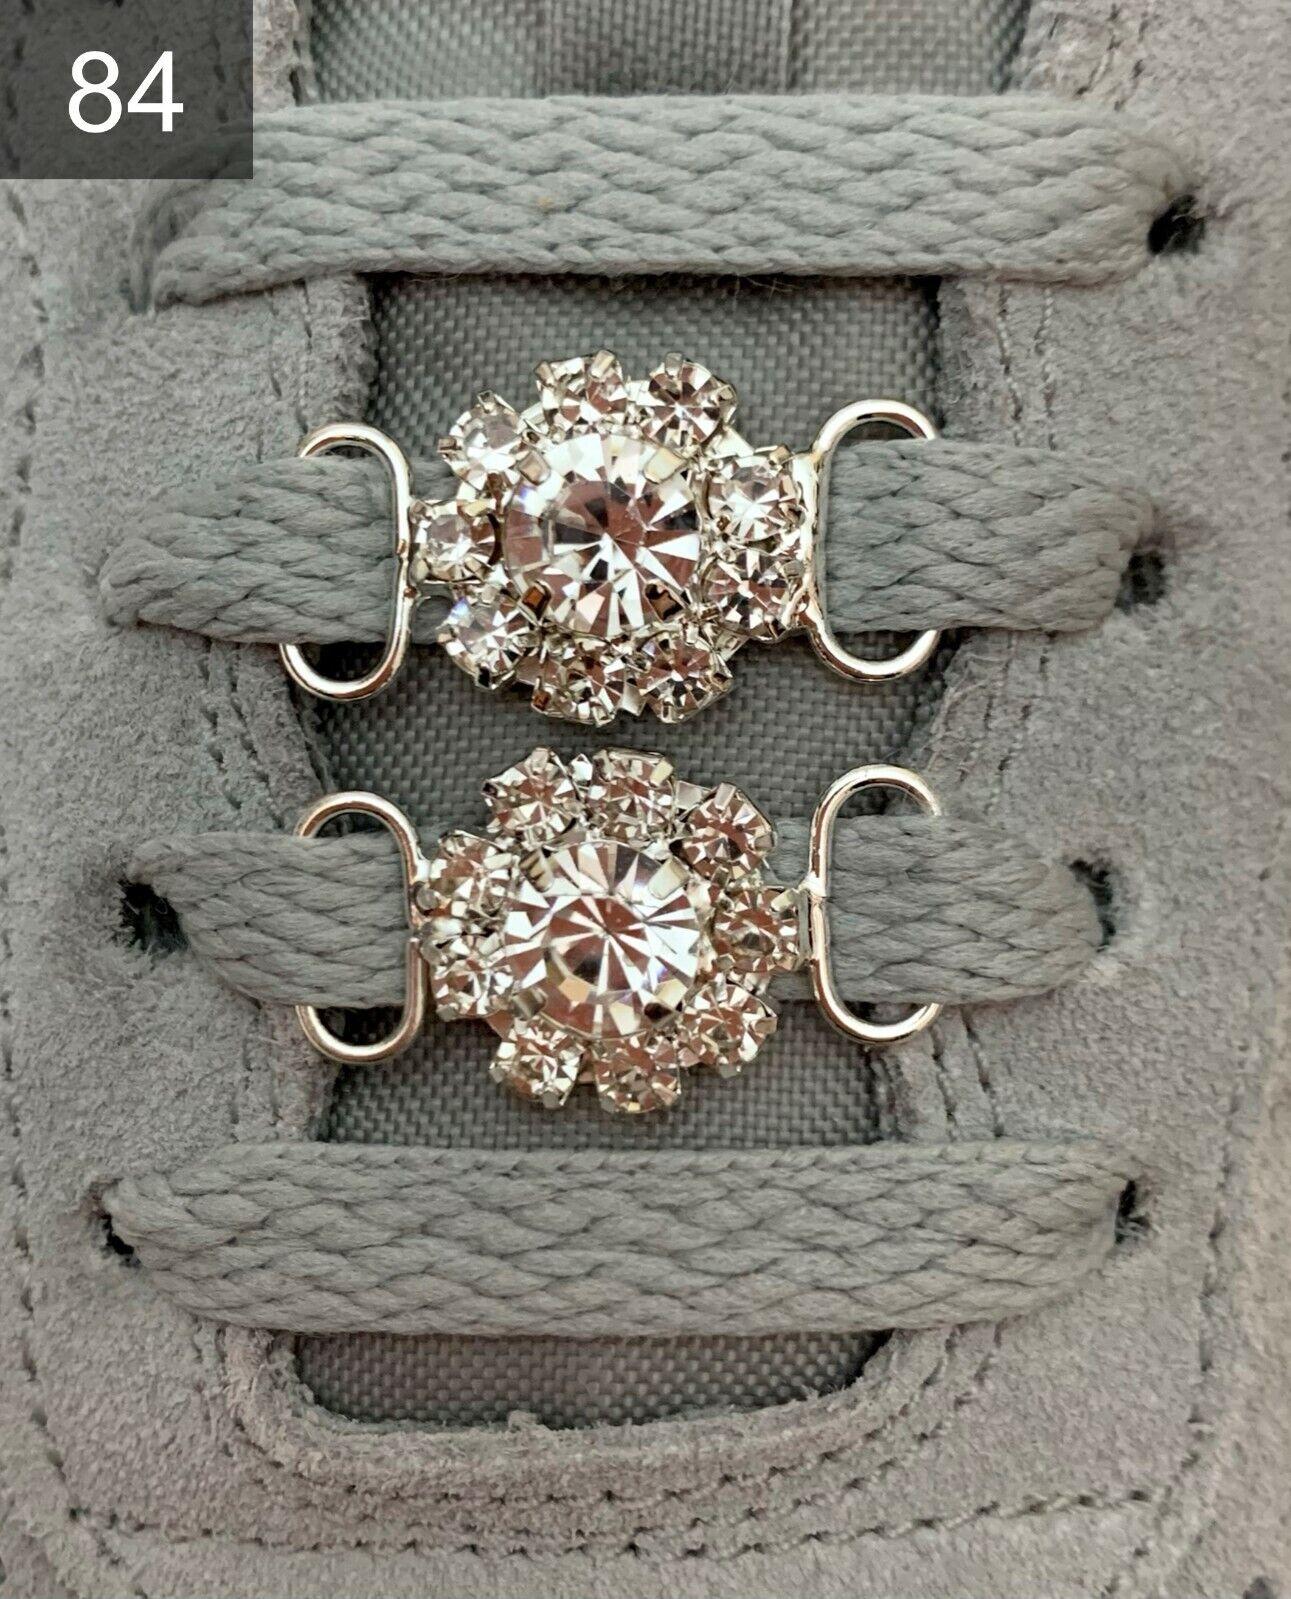 ❤ nuevas nike Air Force 1 zapato hebillas Buckles Lace Locks 2 unid. ❤